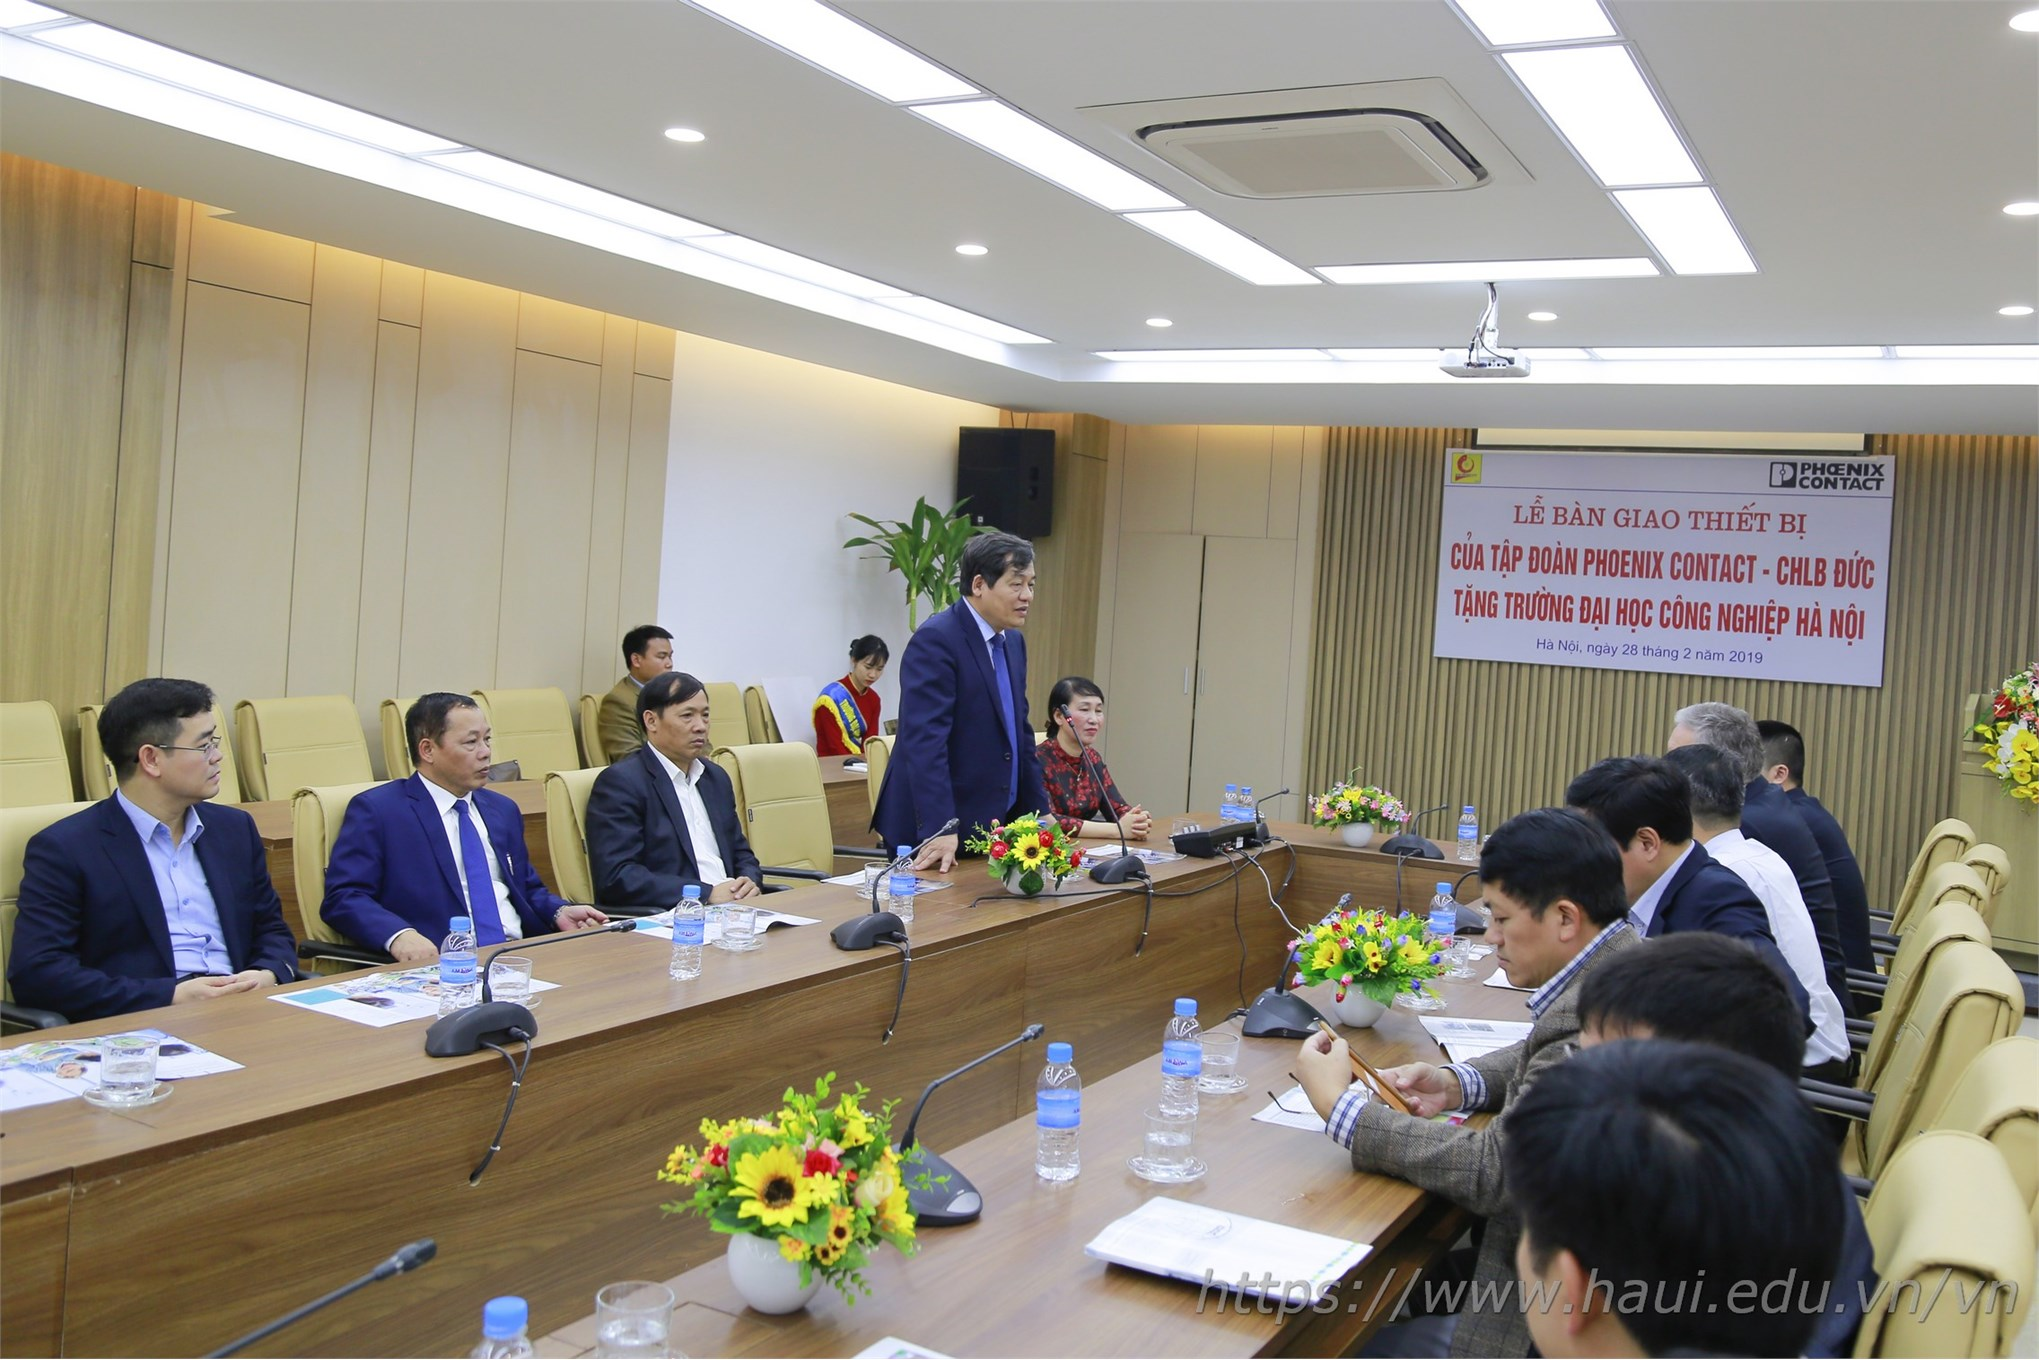 Lễ bàn giao thiết bị của Tập đoàn Phoenix Contact - CHLB Đức cho Trường Đại học Công nghiệp Hà Nội